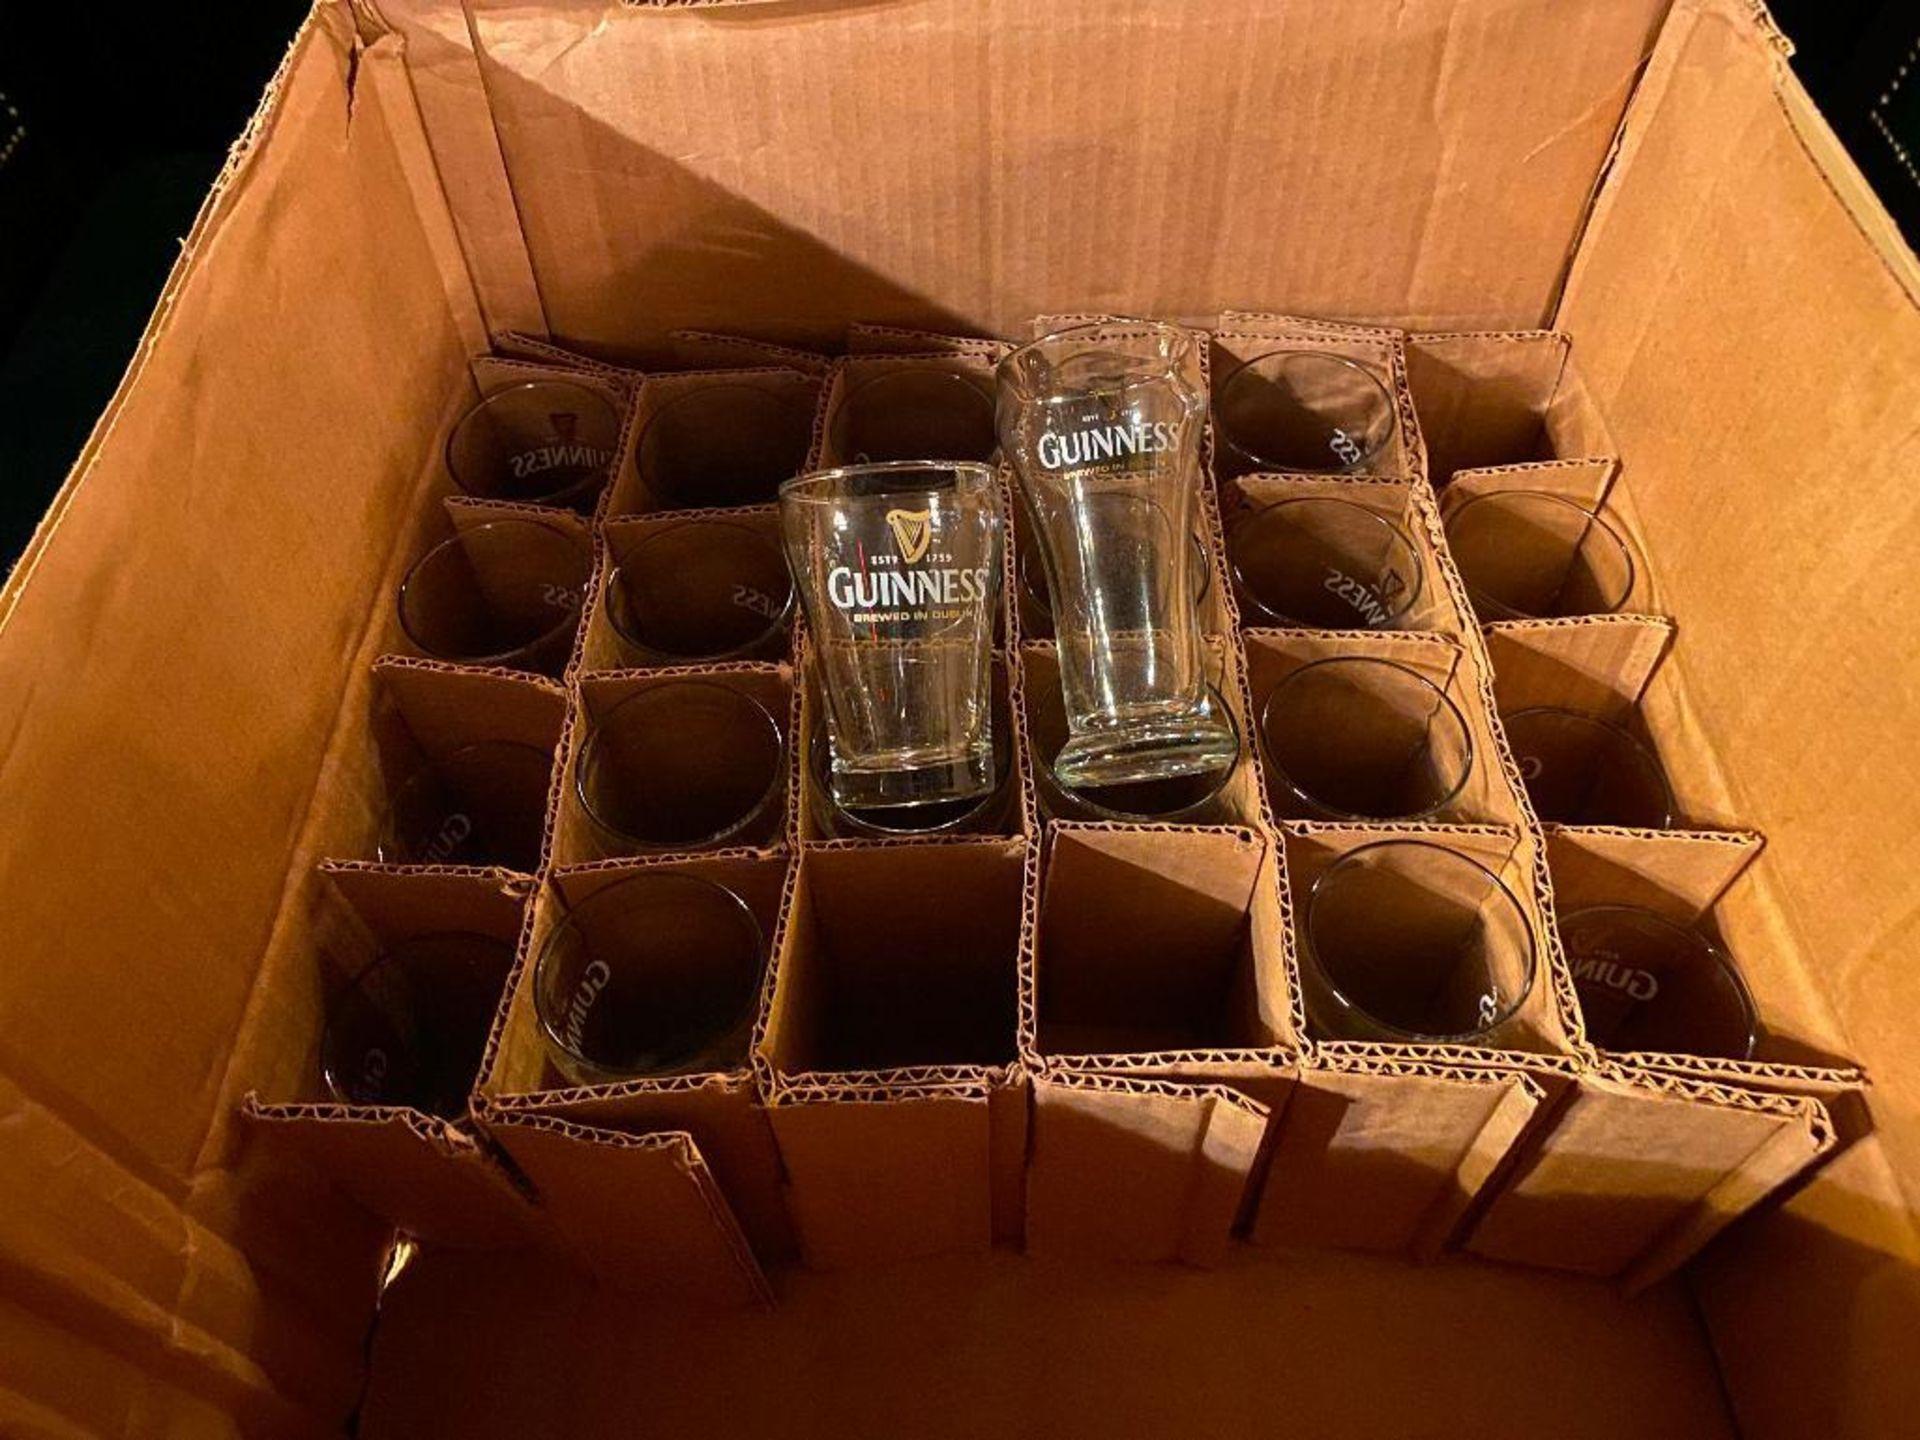 LOT OF (20) MINI GUINNESS GLASSES